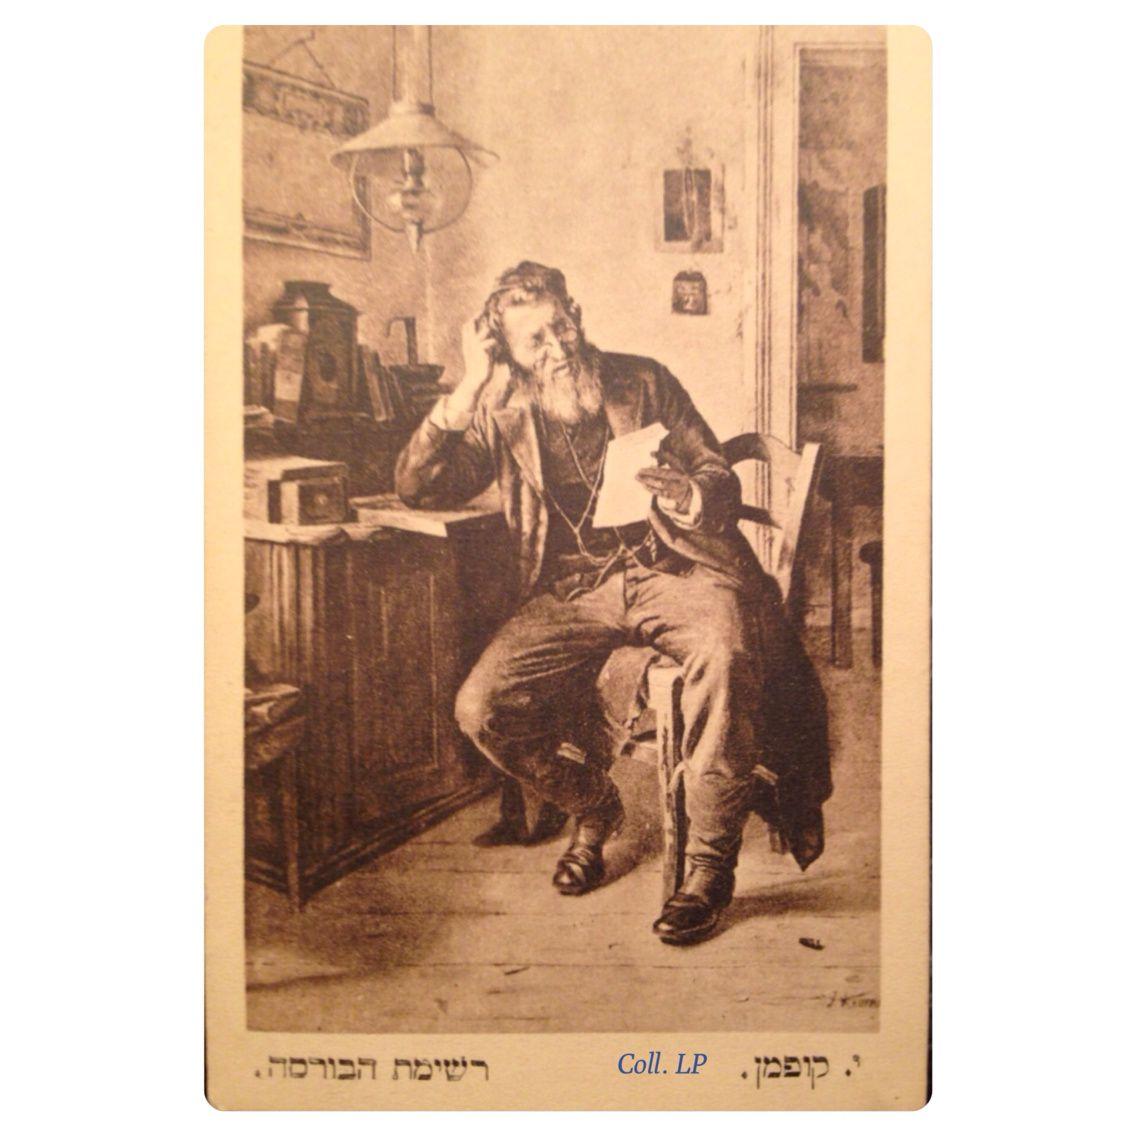 9 Cartes postales des juifs des pays de l'est. 2ème série